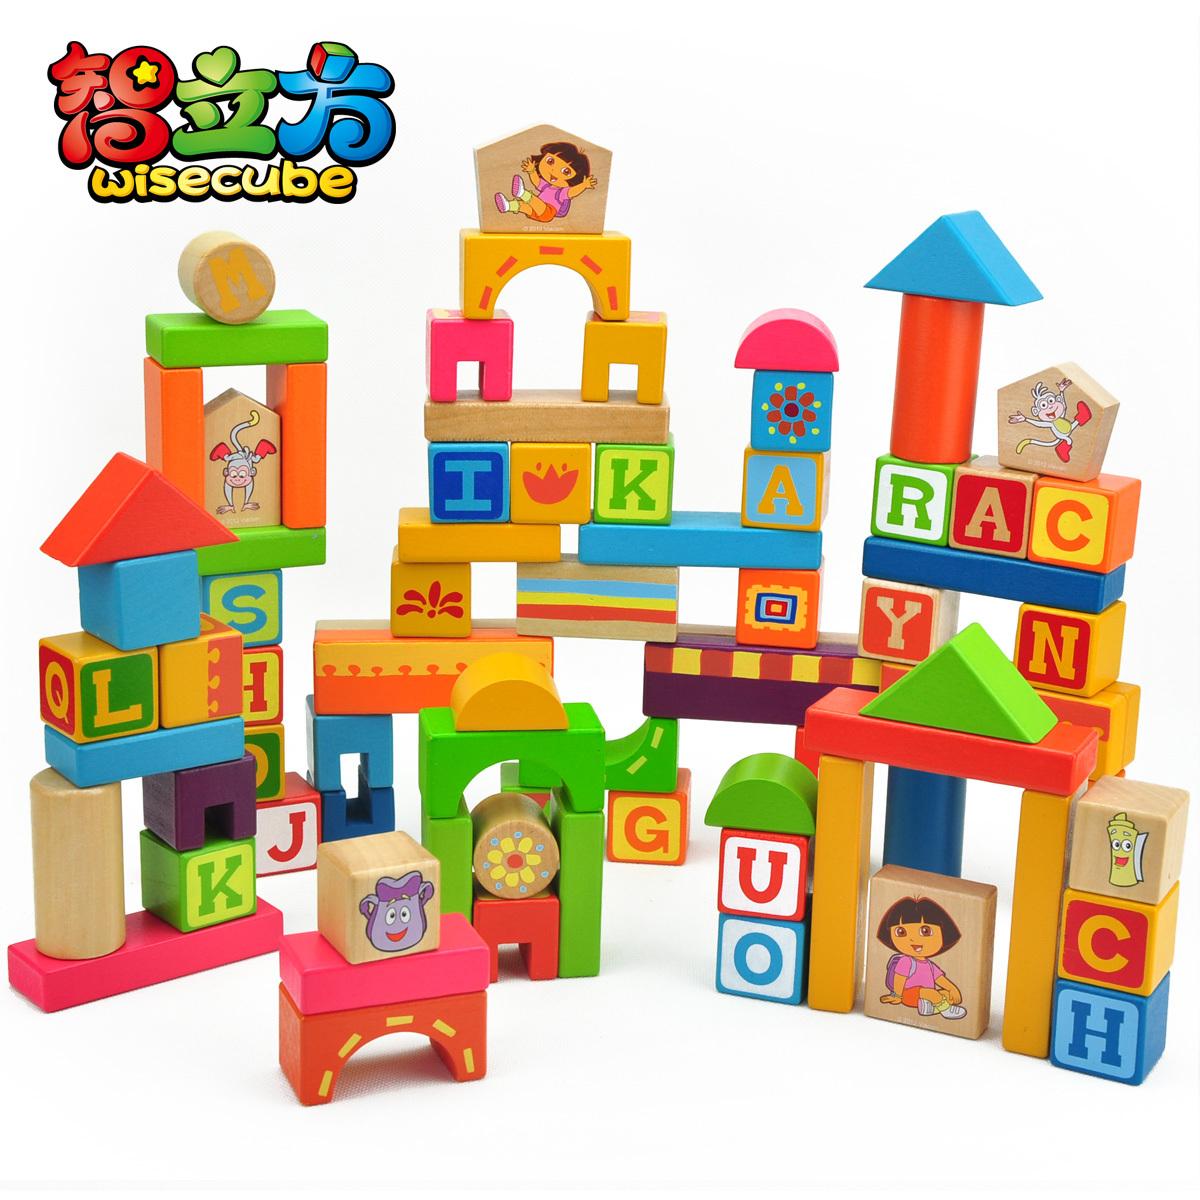 智立方朵拉字母积木儿童玩具木制质大块80粒积木桶装益智玩具包邮